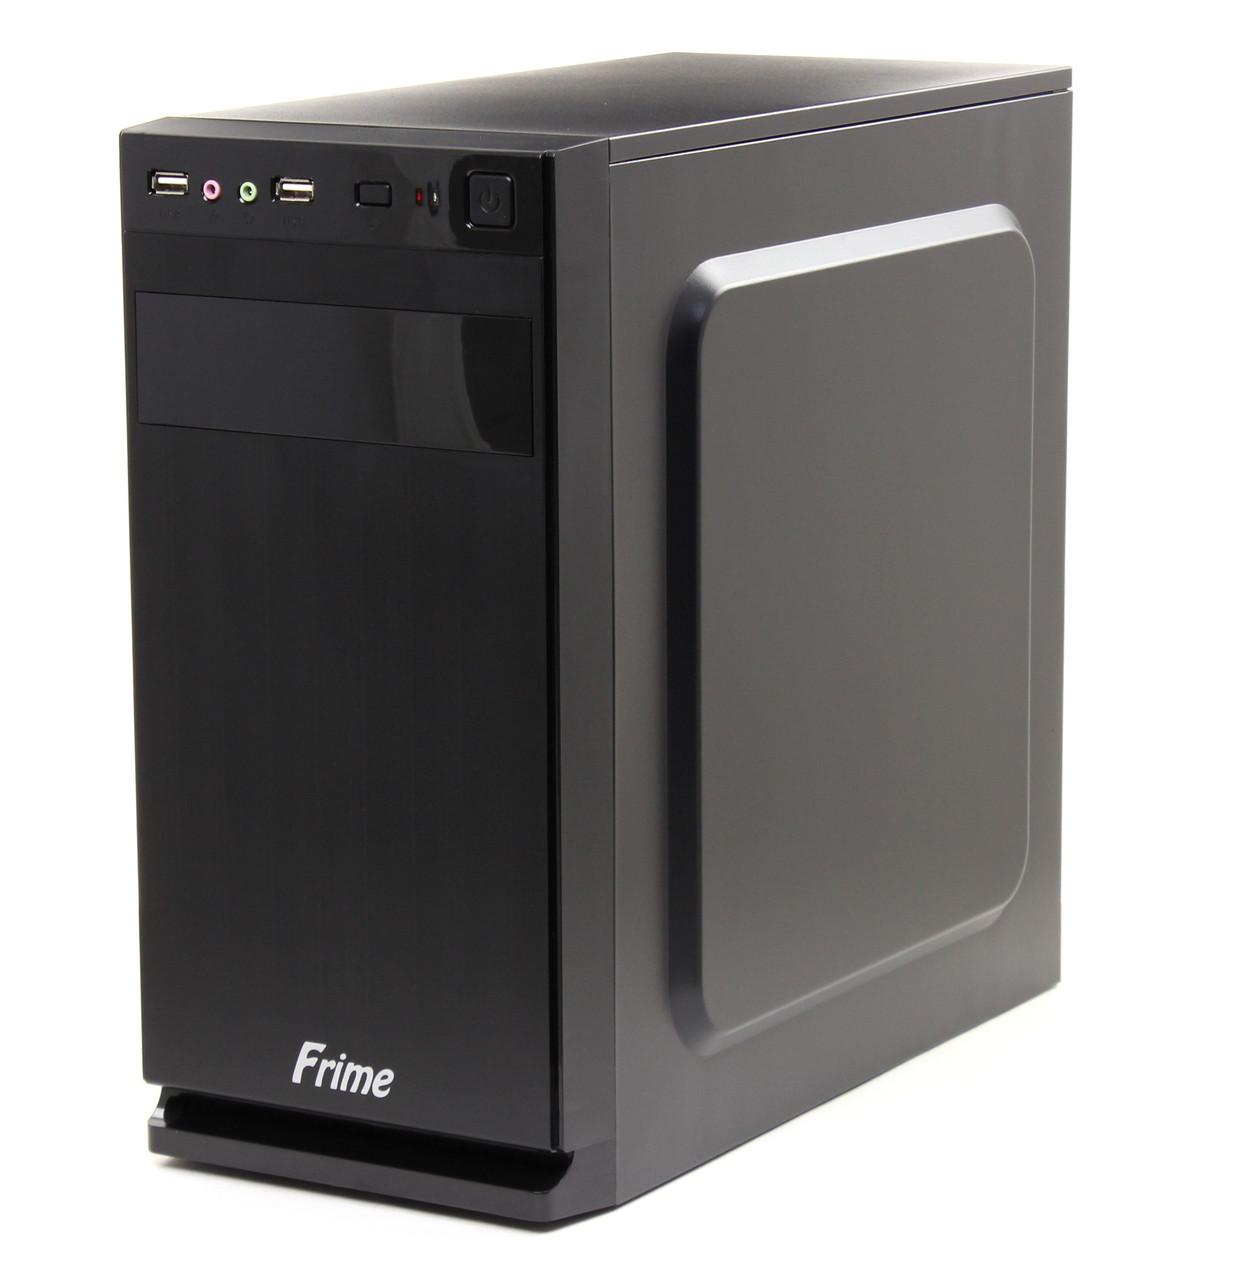 Компьютерный корпус Frime FC-002B black, без БП